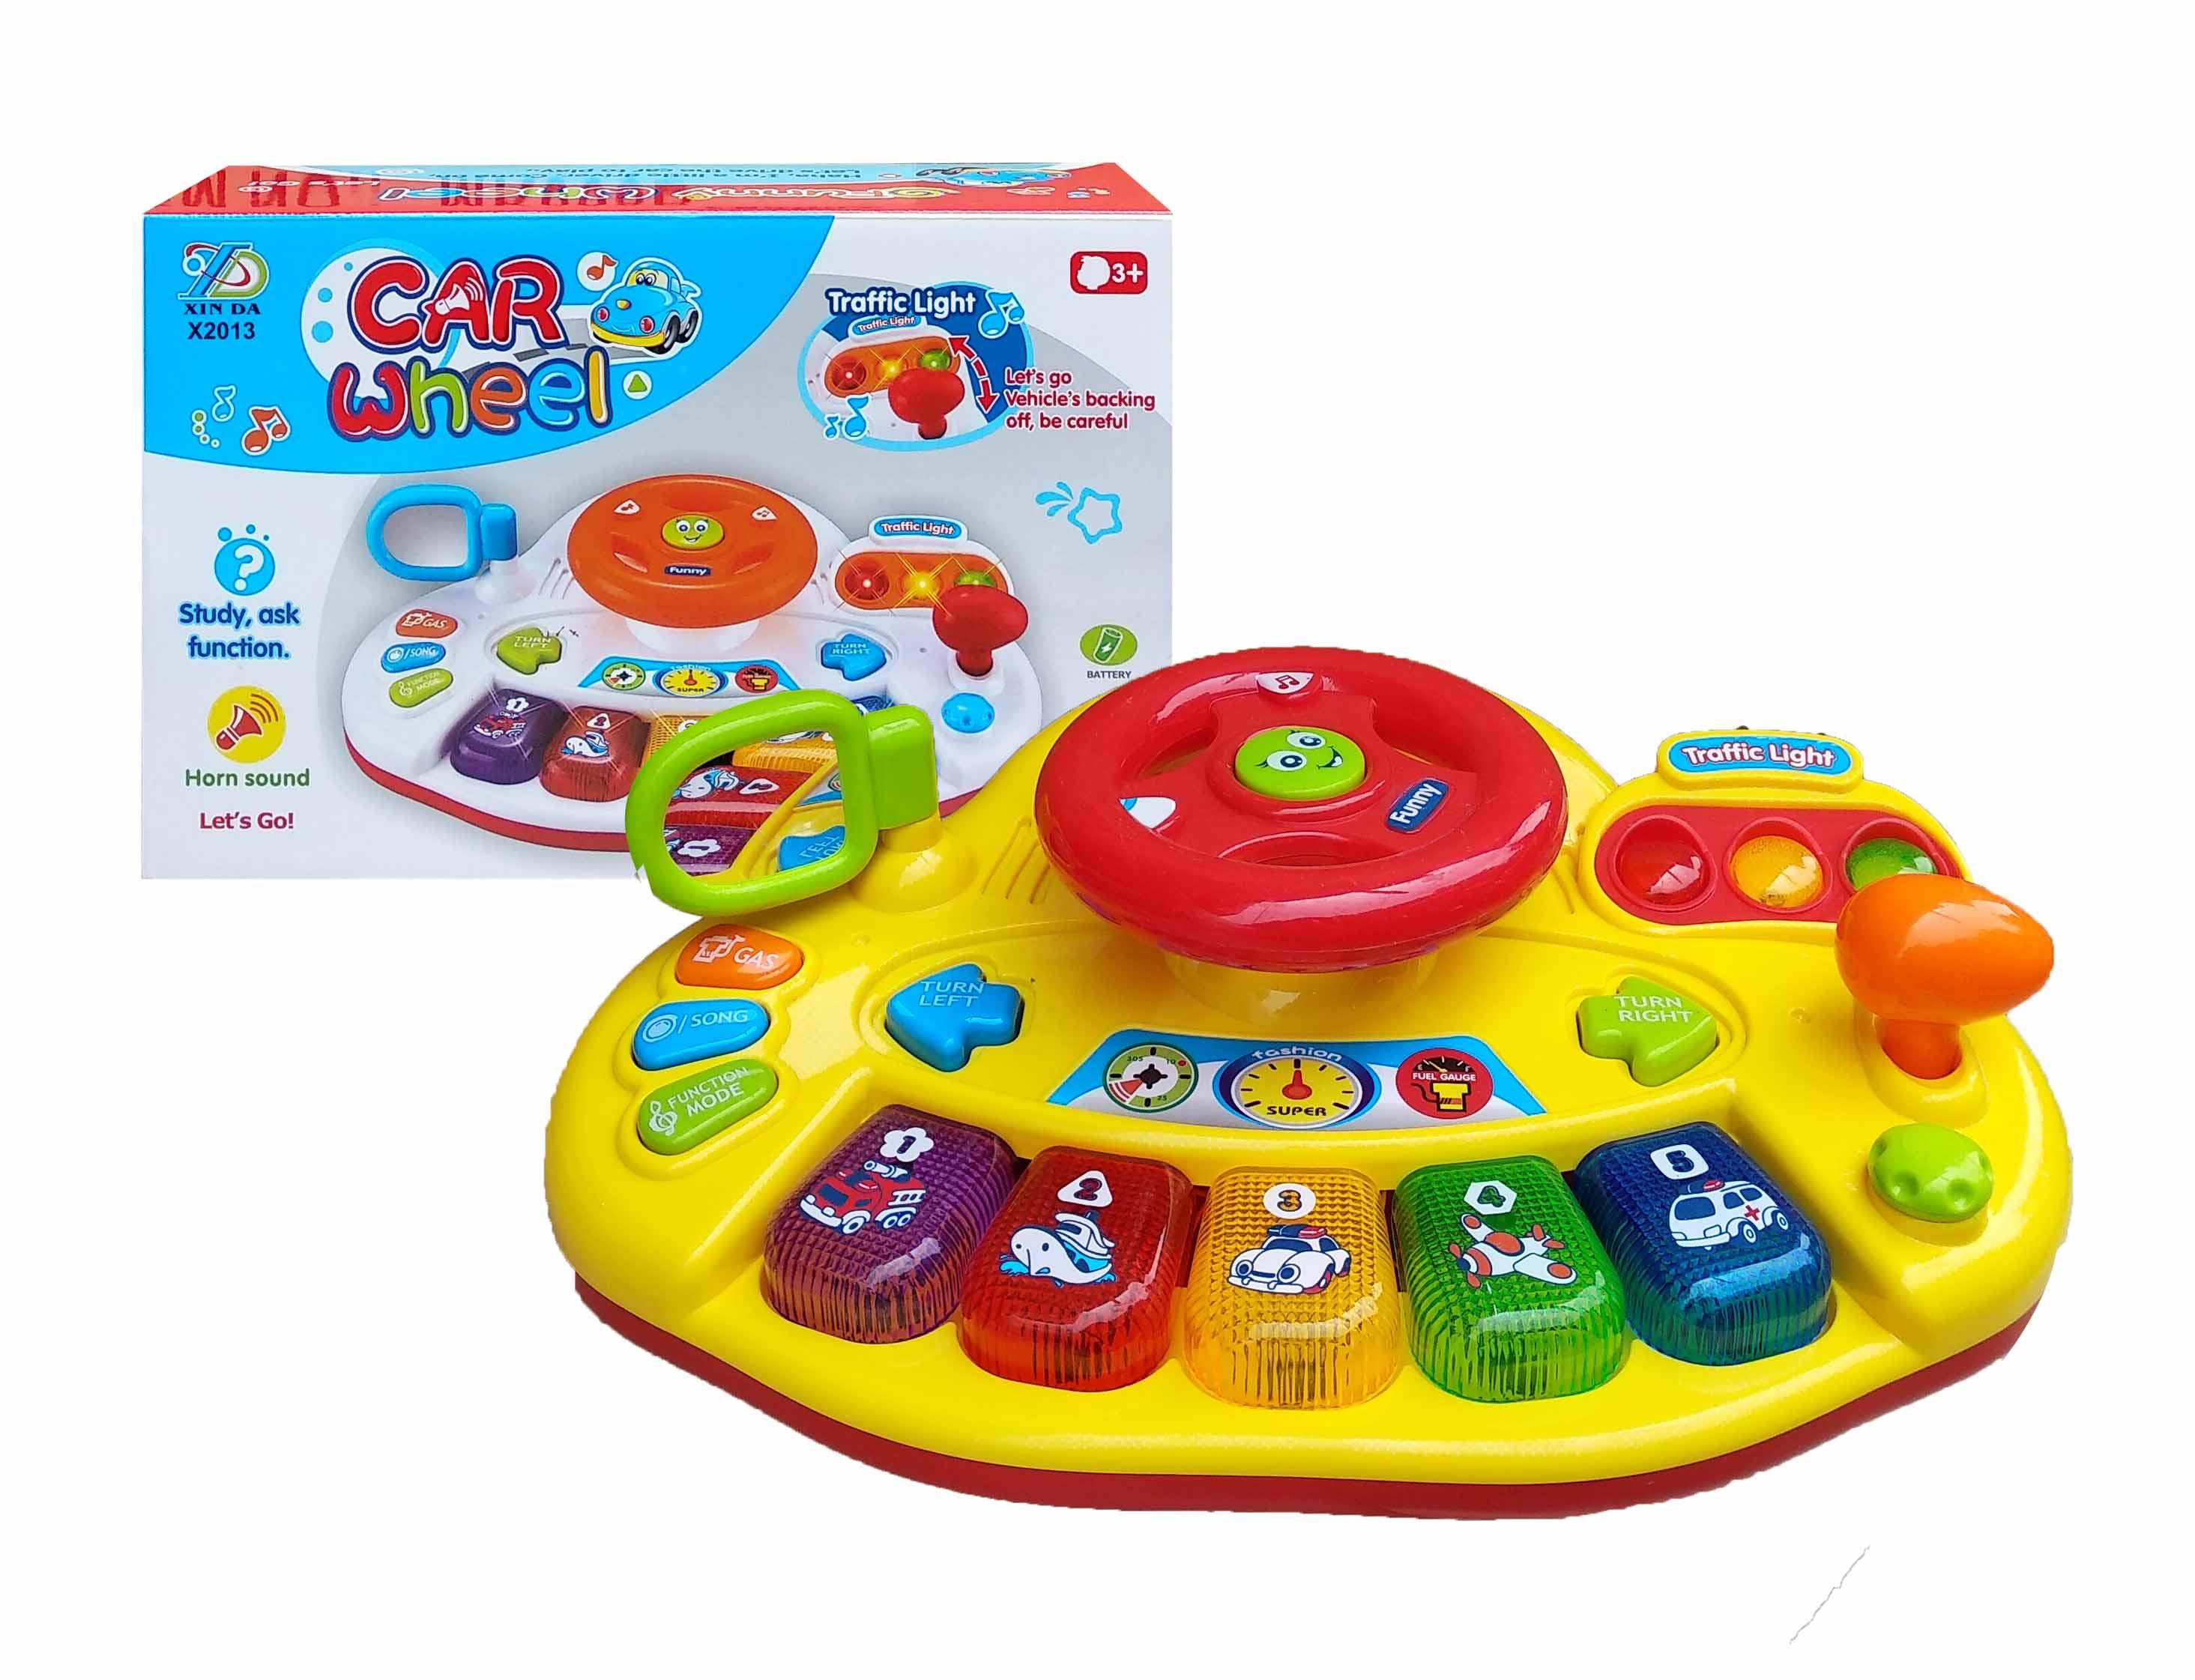 toko mainan online CAR WHEEL ELECTRONIC - X2013